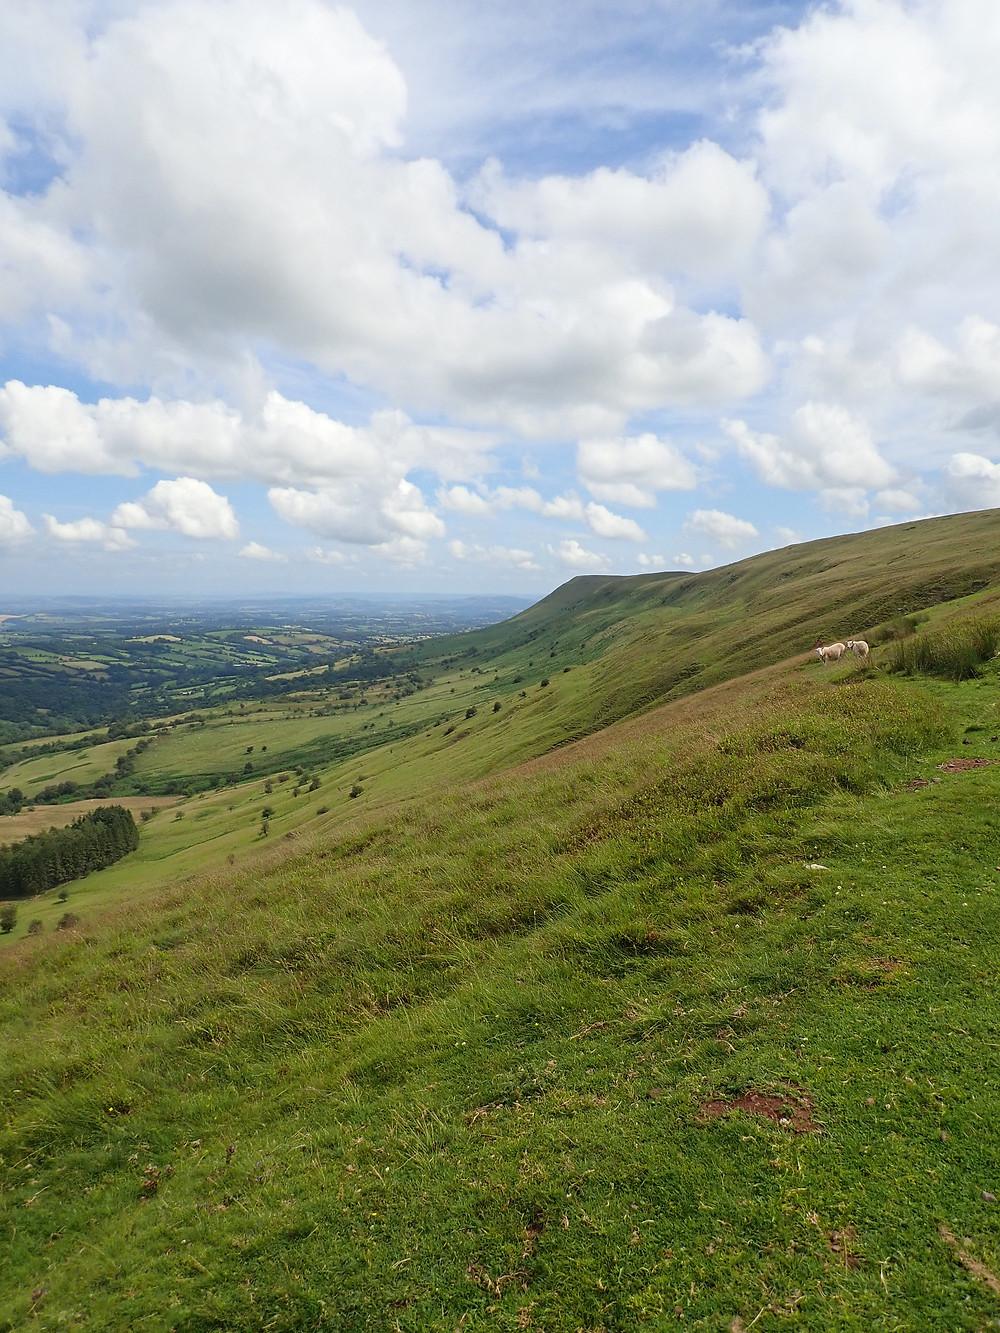 A hillside in the sunshine